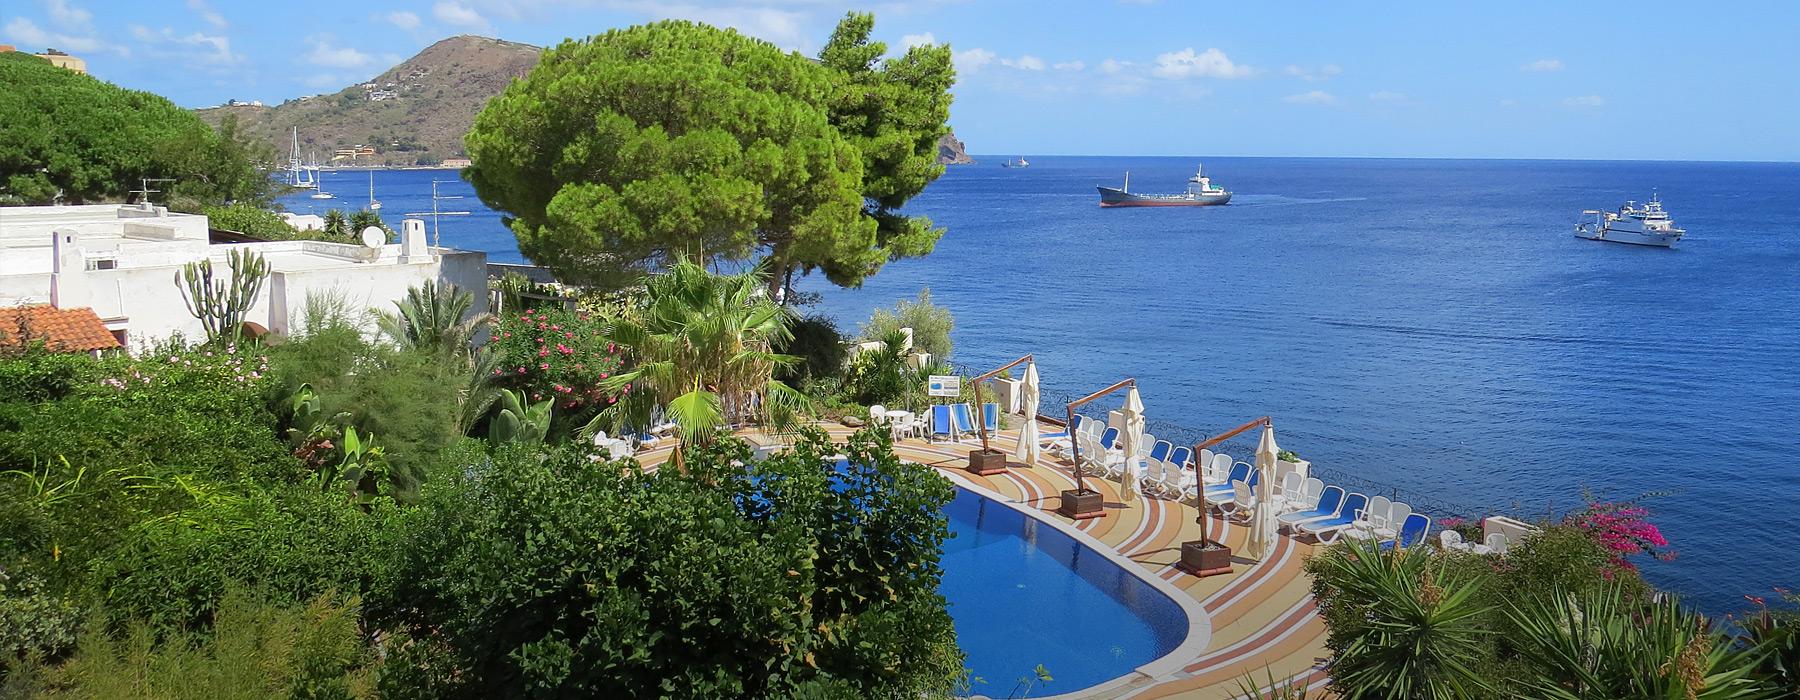 Sicilia - Mare